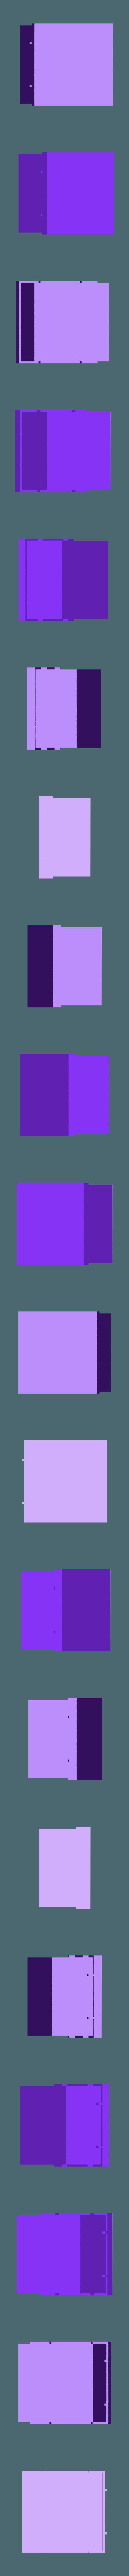 simple_box.stl Télécharger fichier STL gratuit Véhicule utilitaire à fourmis à plat pour la fabrication de wargames ou de mdel de science-fiction de 28 mm • Modèle pour imprimante 3D, redstarkits